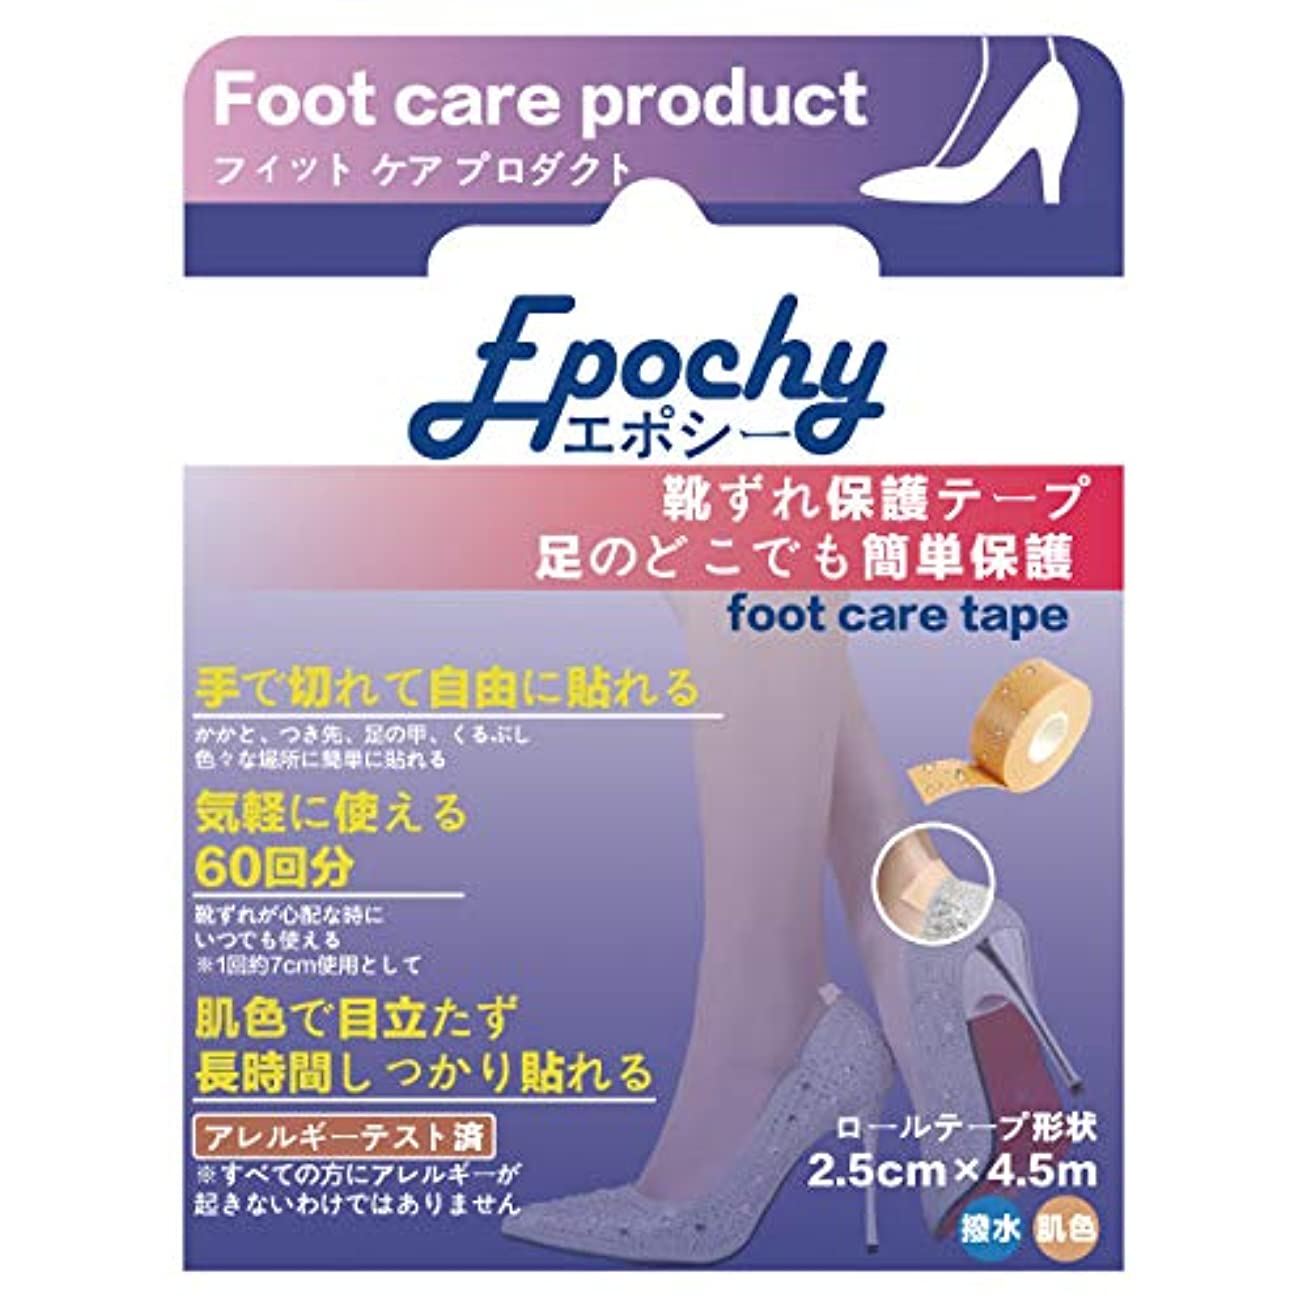 実現可能経済偽善エポシー™ 靴ずれ保護テープ 4.5M ロールテープ形状 強力 透明 肌用 皮膚に優しい 汗や水にも強い